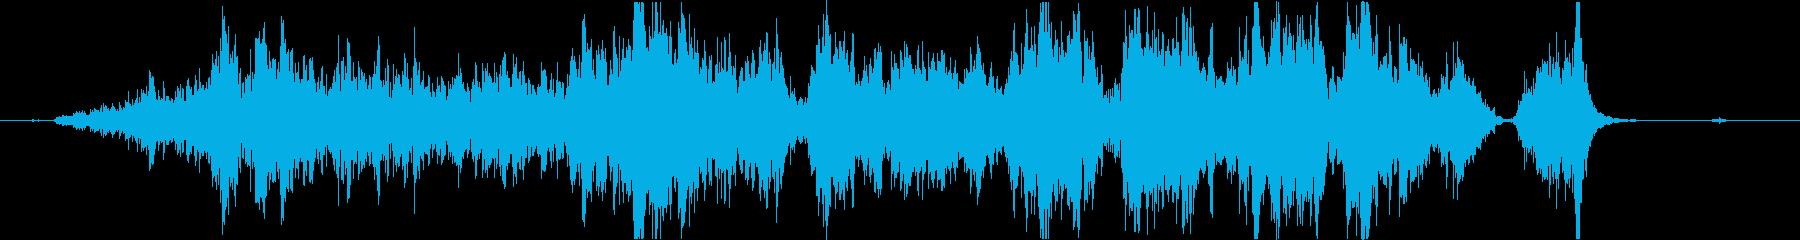 メタルスクレープ;光リングアウトと...の再生済みの波形